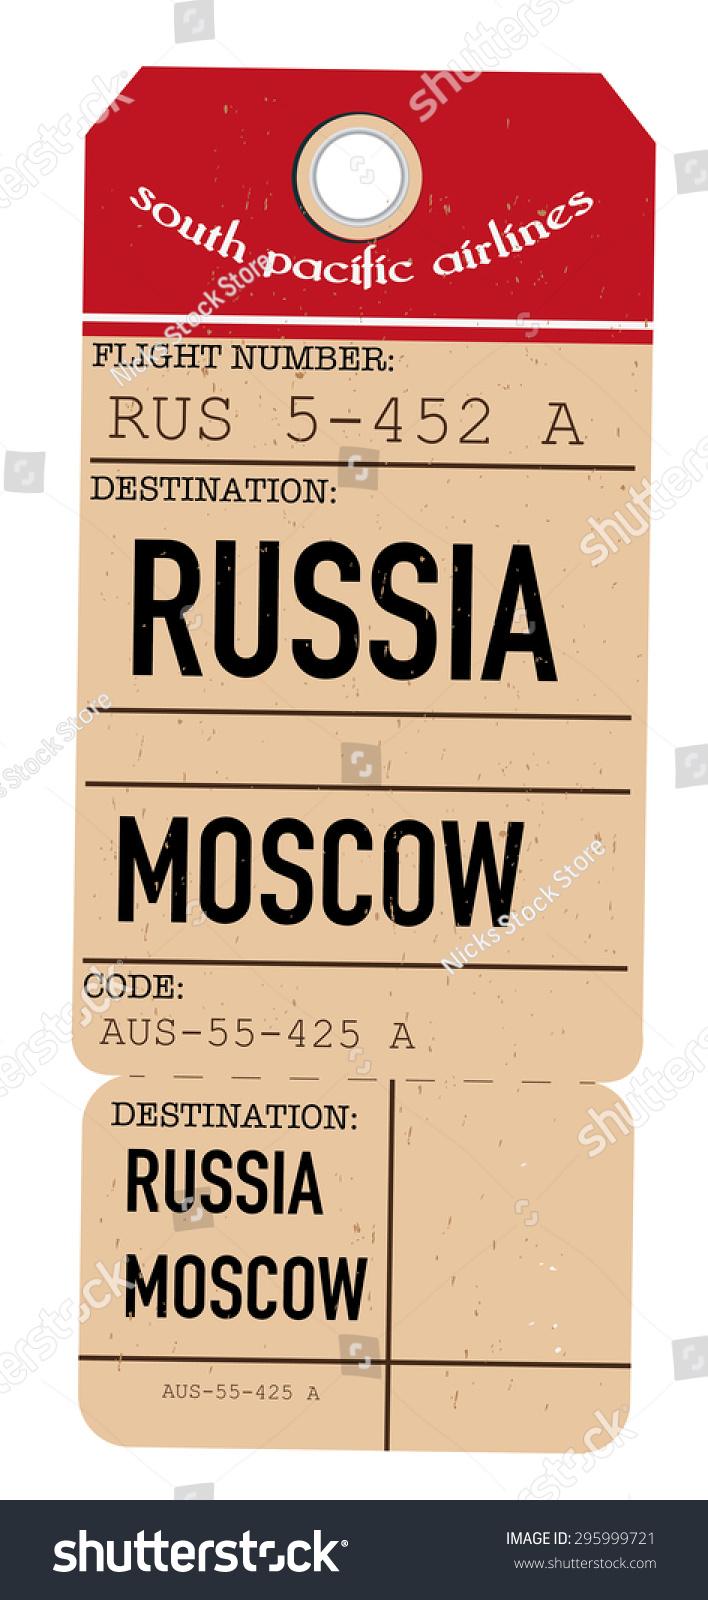 russland visum beantragen kalmykia, Einladung